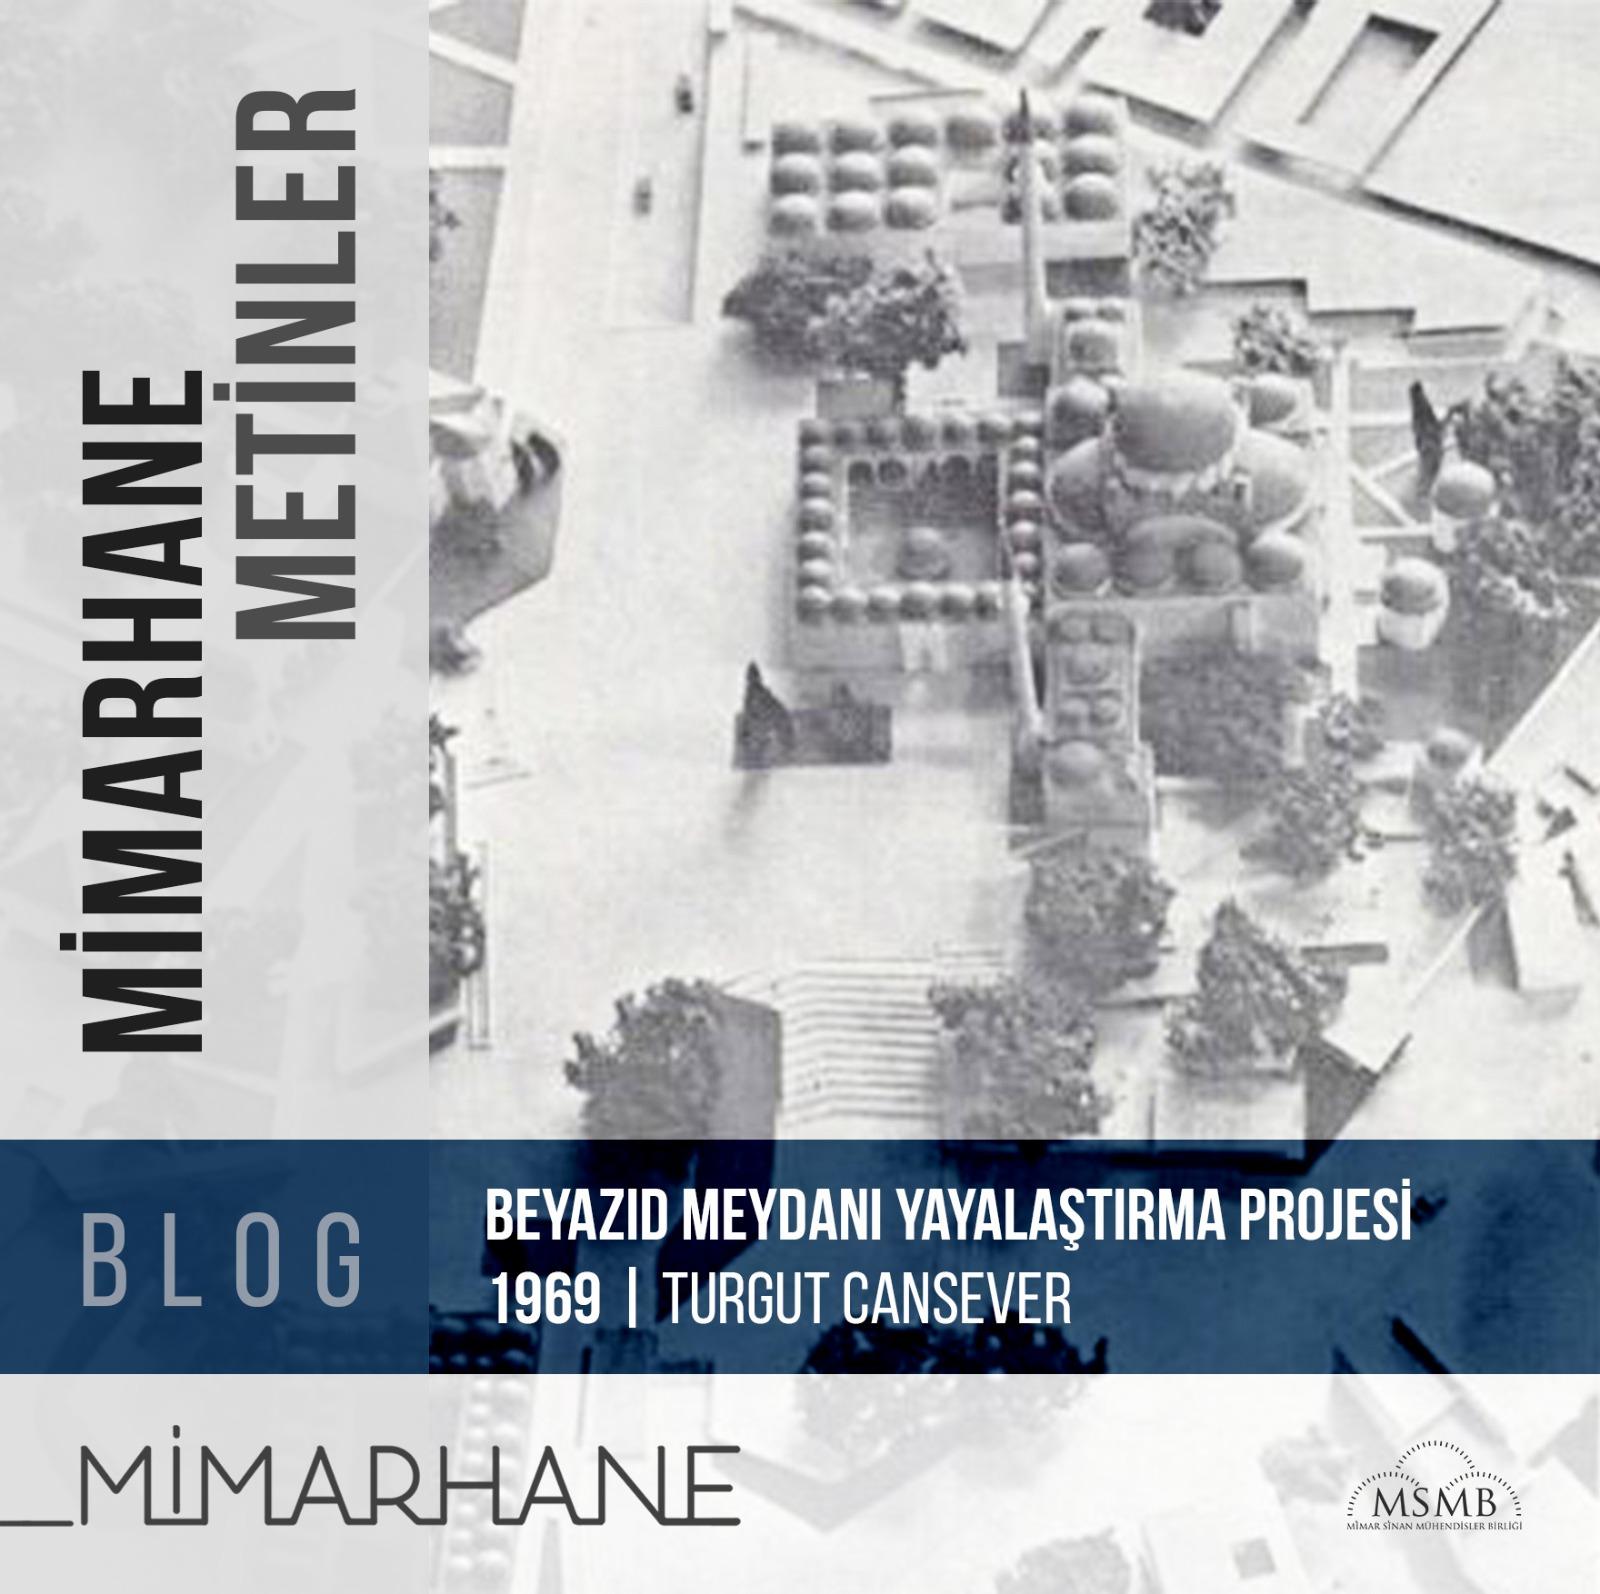 Beyazıd Meydanı Yayalaştırma Projesi, 1969 | Turgut Cansever